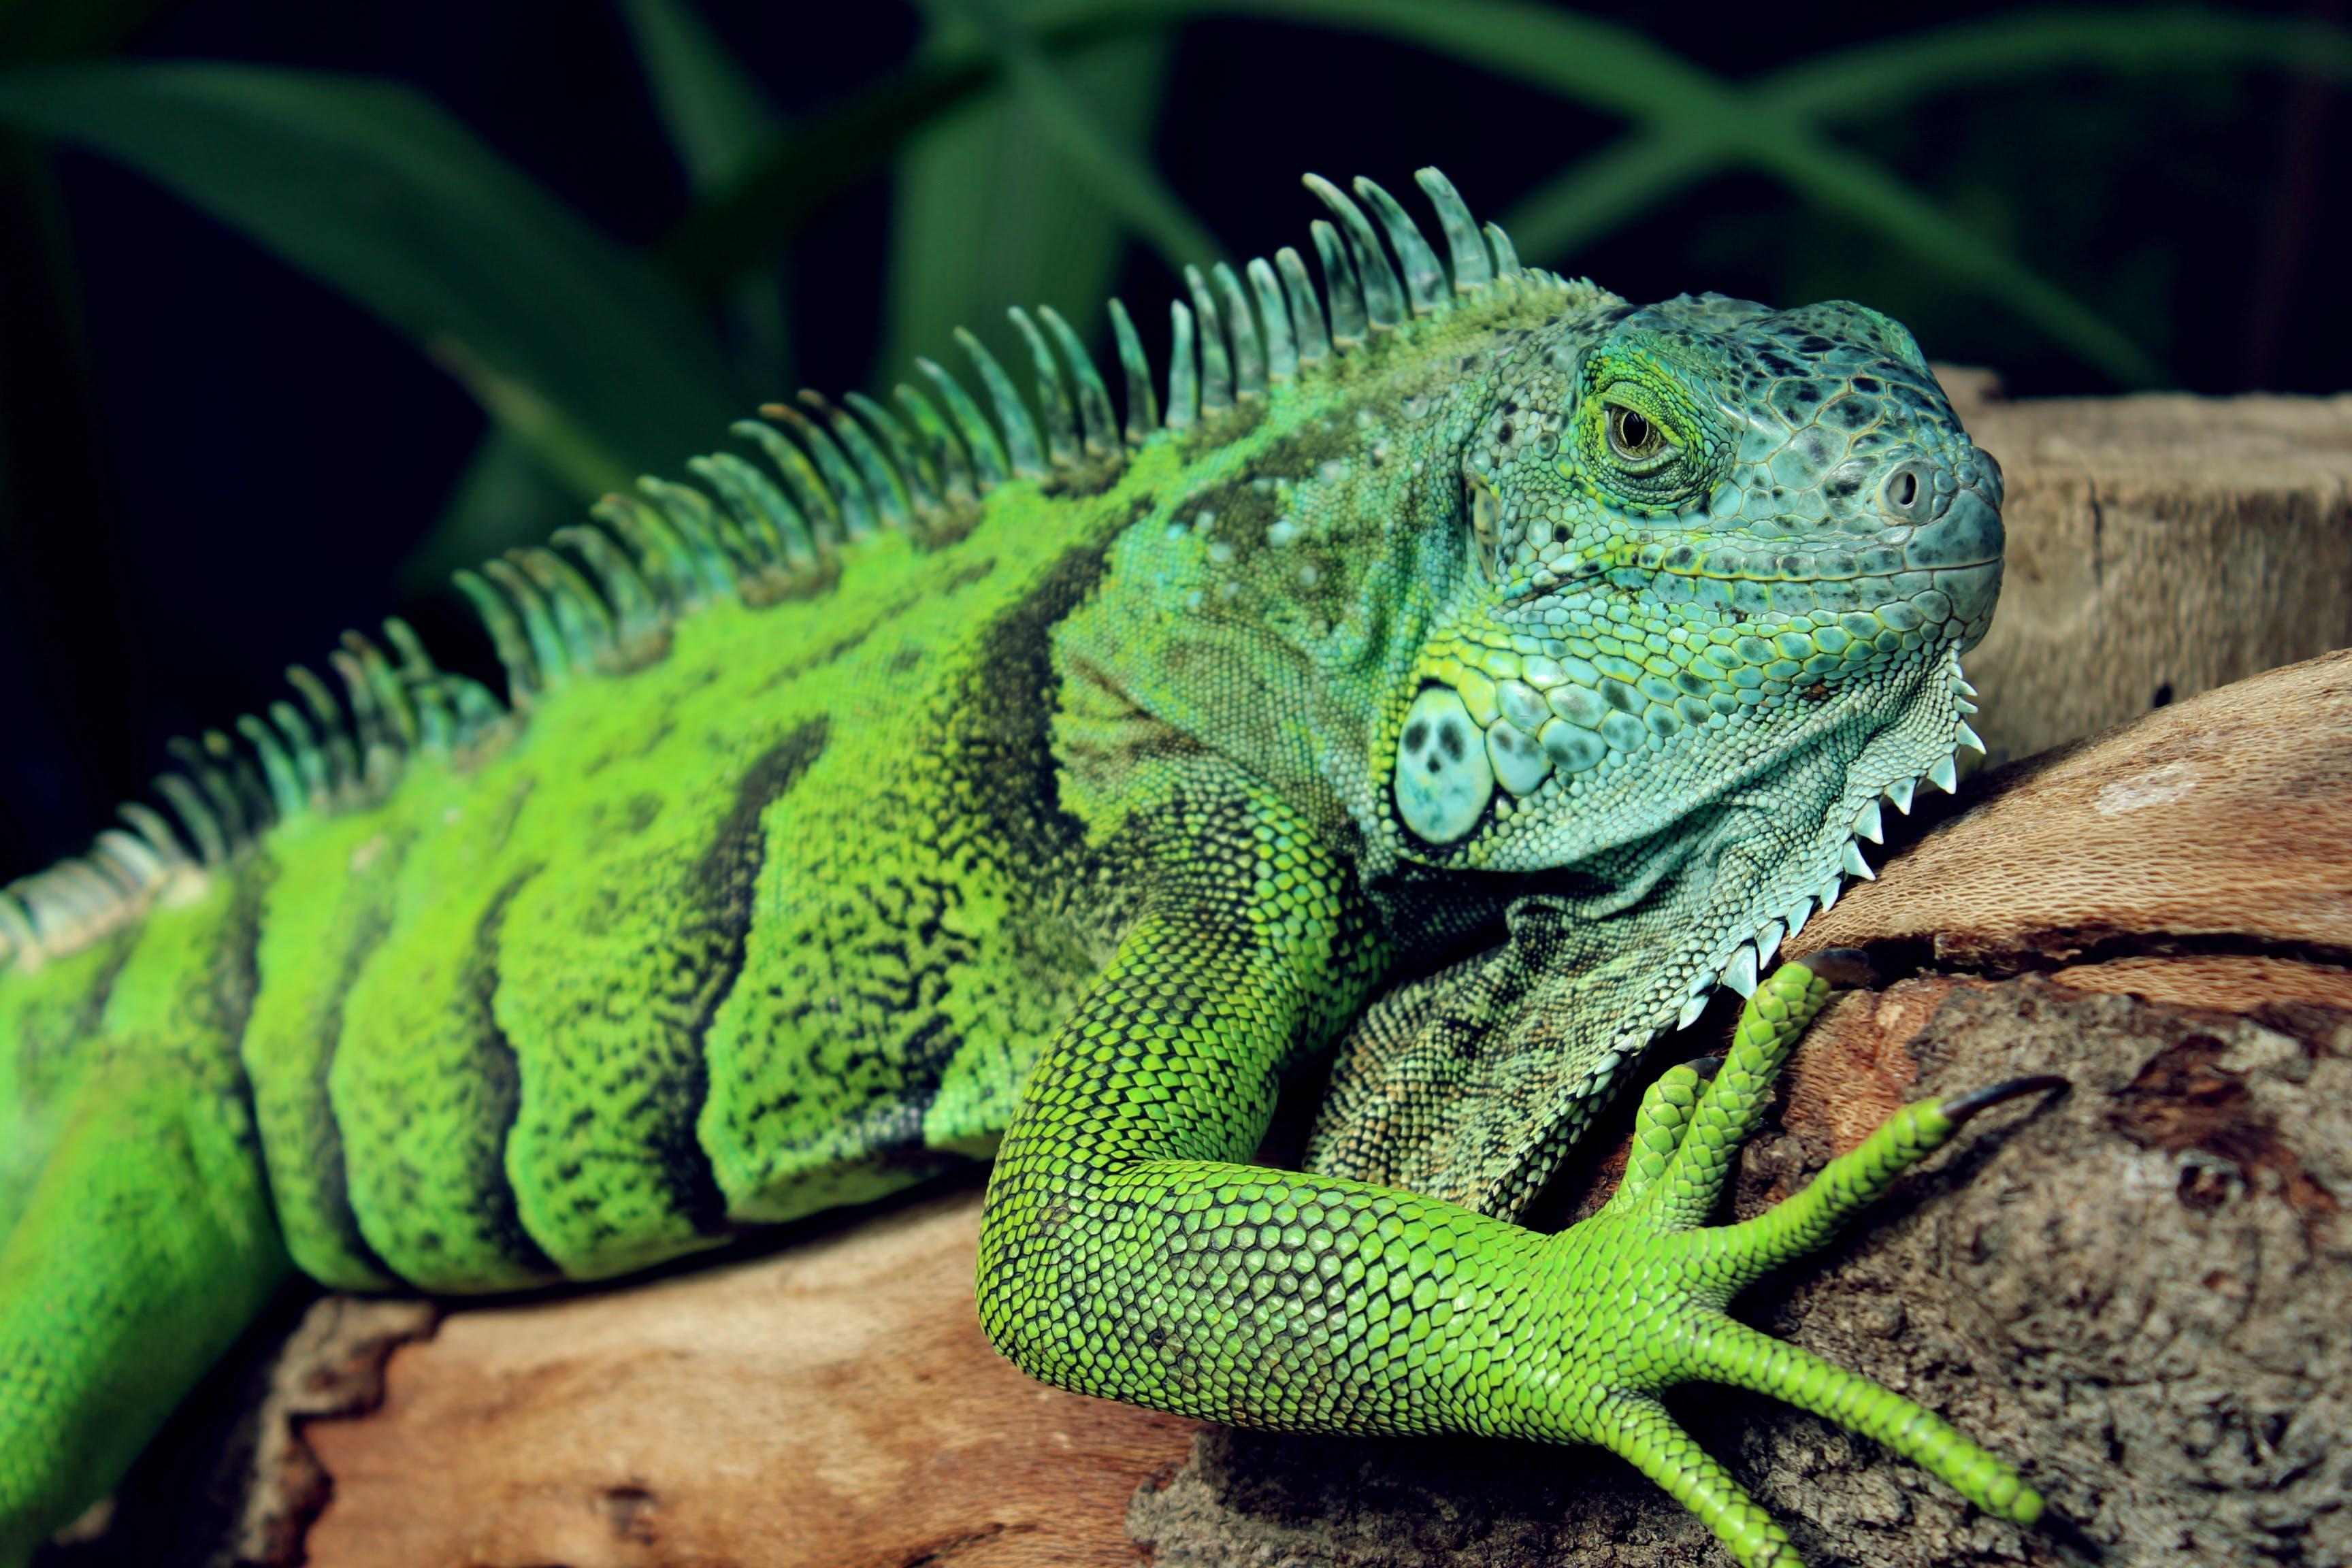 Kostnadsfri bild av djur, grön, leguan, ödla